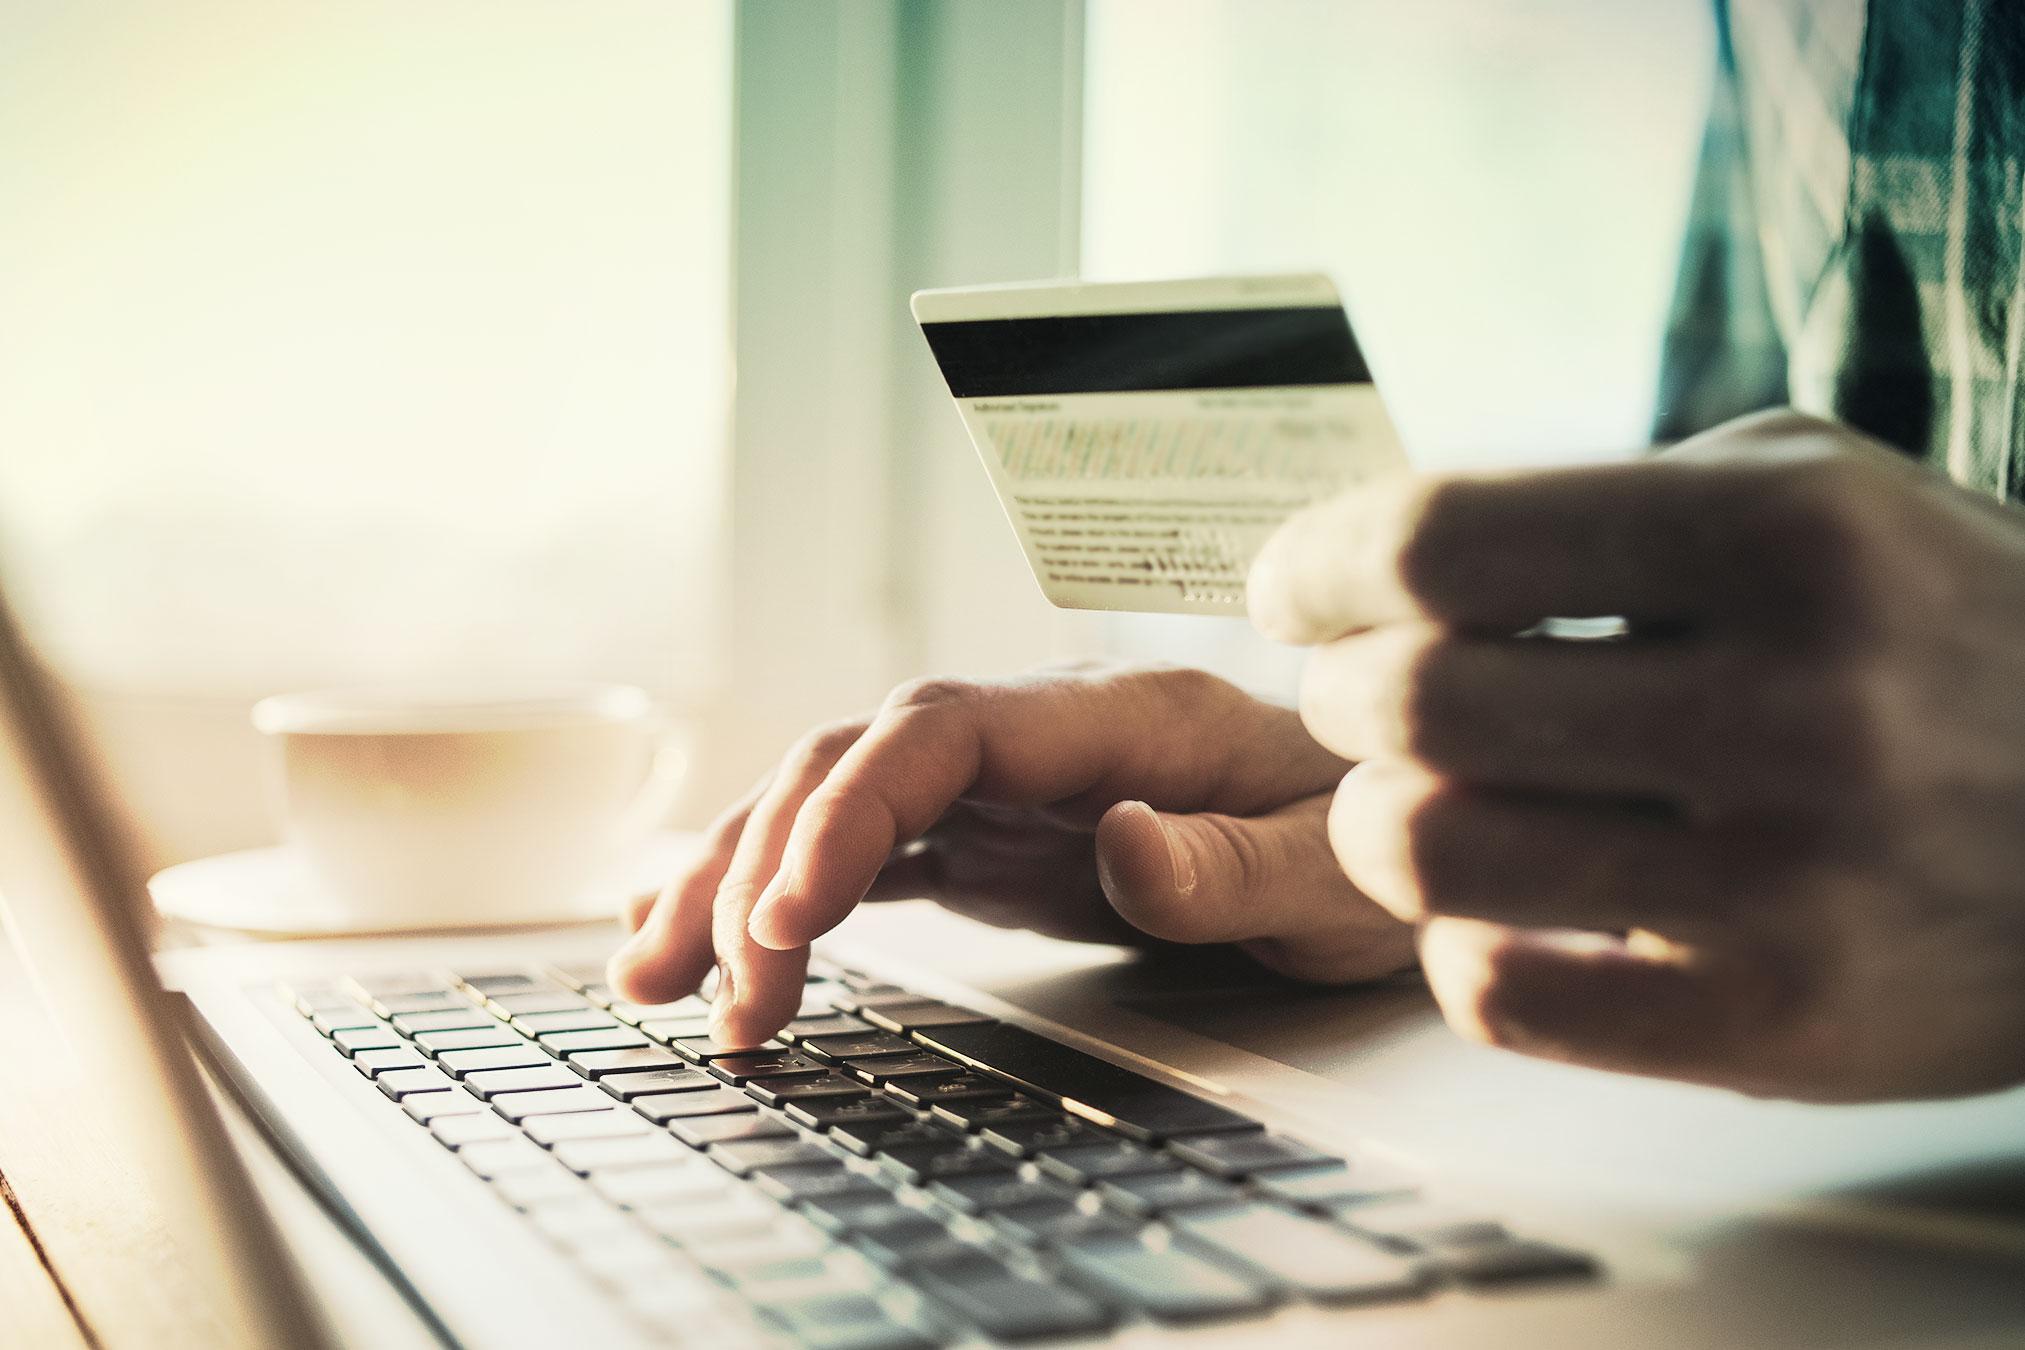 platba kreditkou cez pocitac